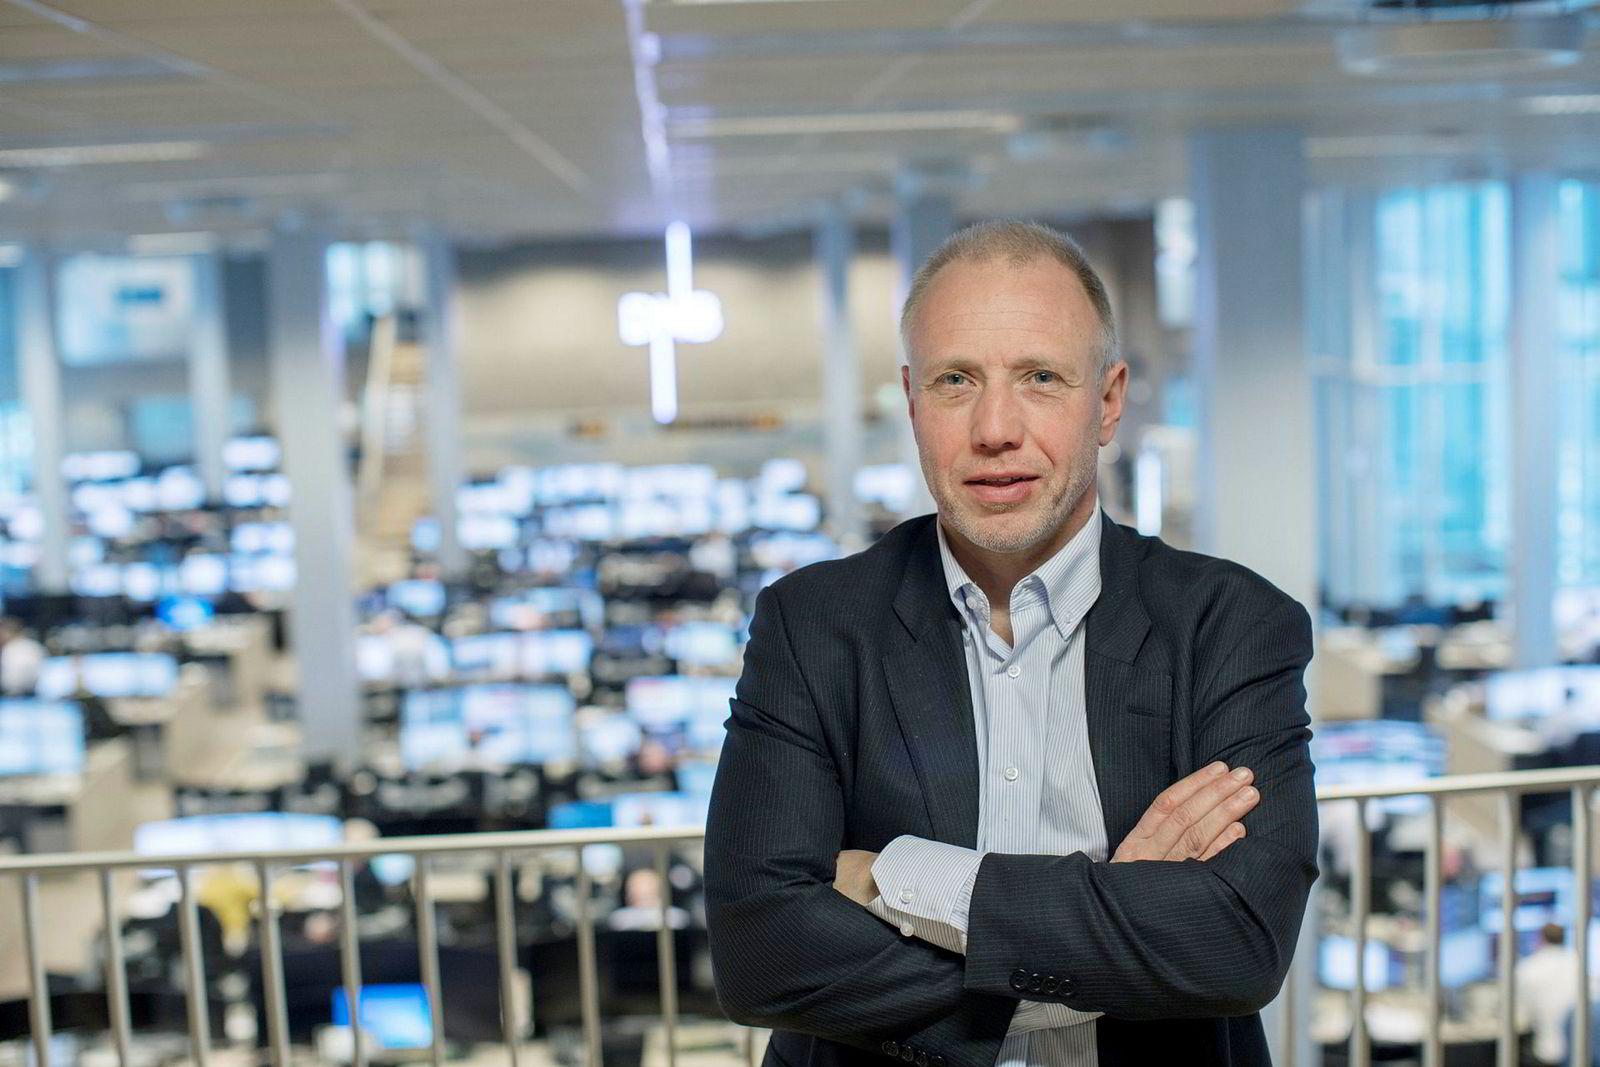 Kristian Tunaal, porteføljeforvalter i Alfred Berg, sammenligner aksjemarkedet med en uthvilt bokser. Han mener det må mer til før de store utslagene synes i markedene.